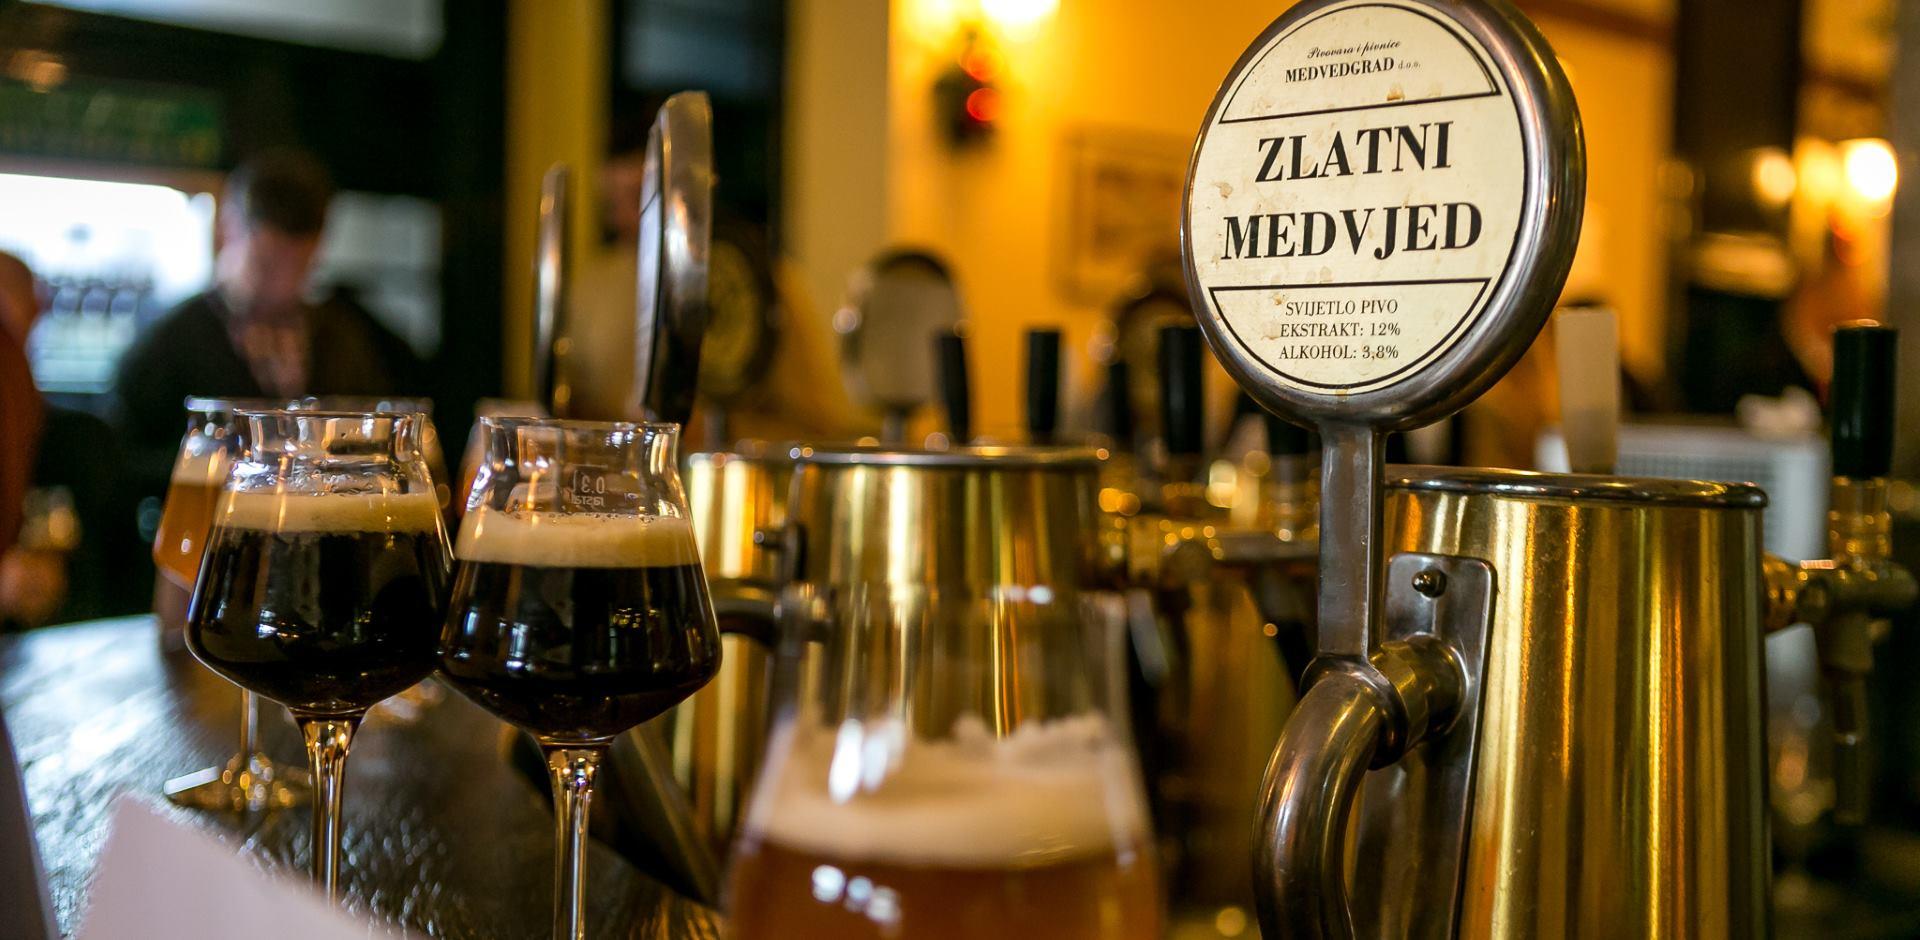 FOTO: Medvedgrad otvara novu veliku pivovaru i pokreće kampanju putem Funderbeam SEE-a